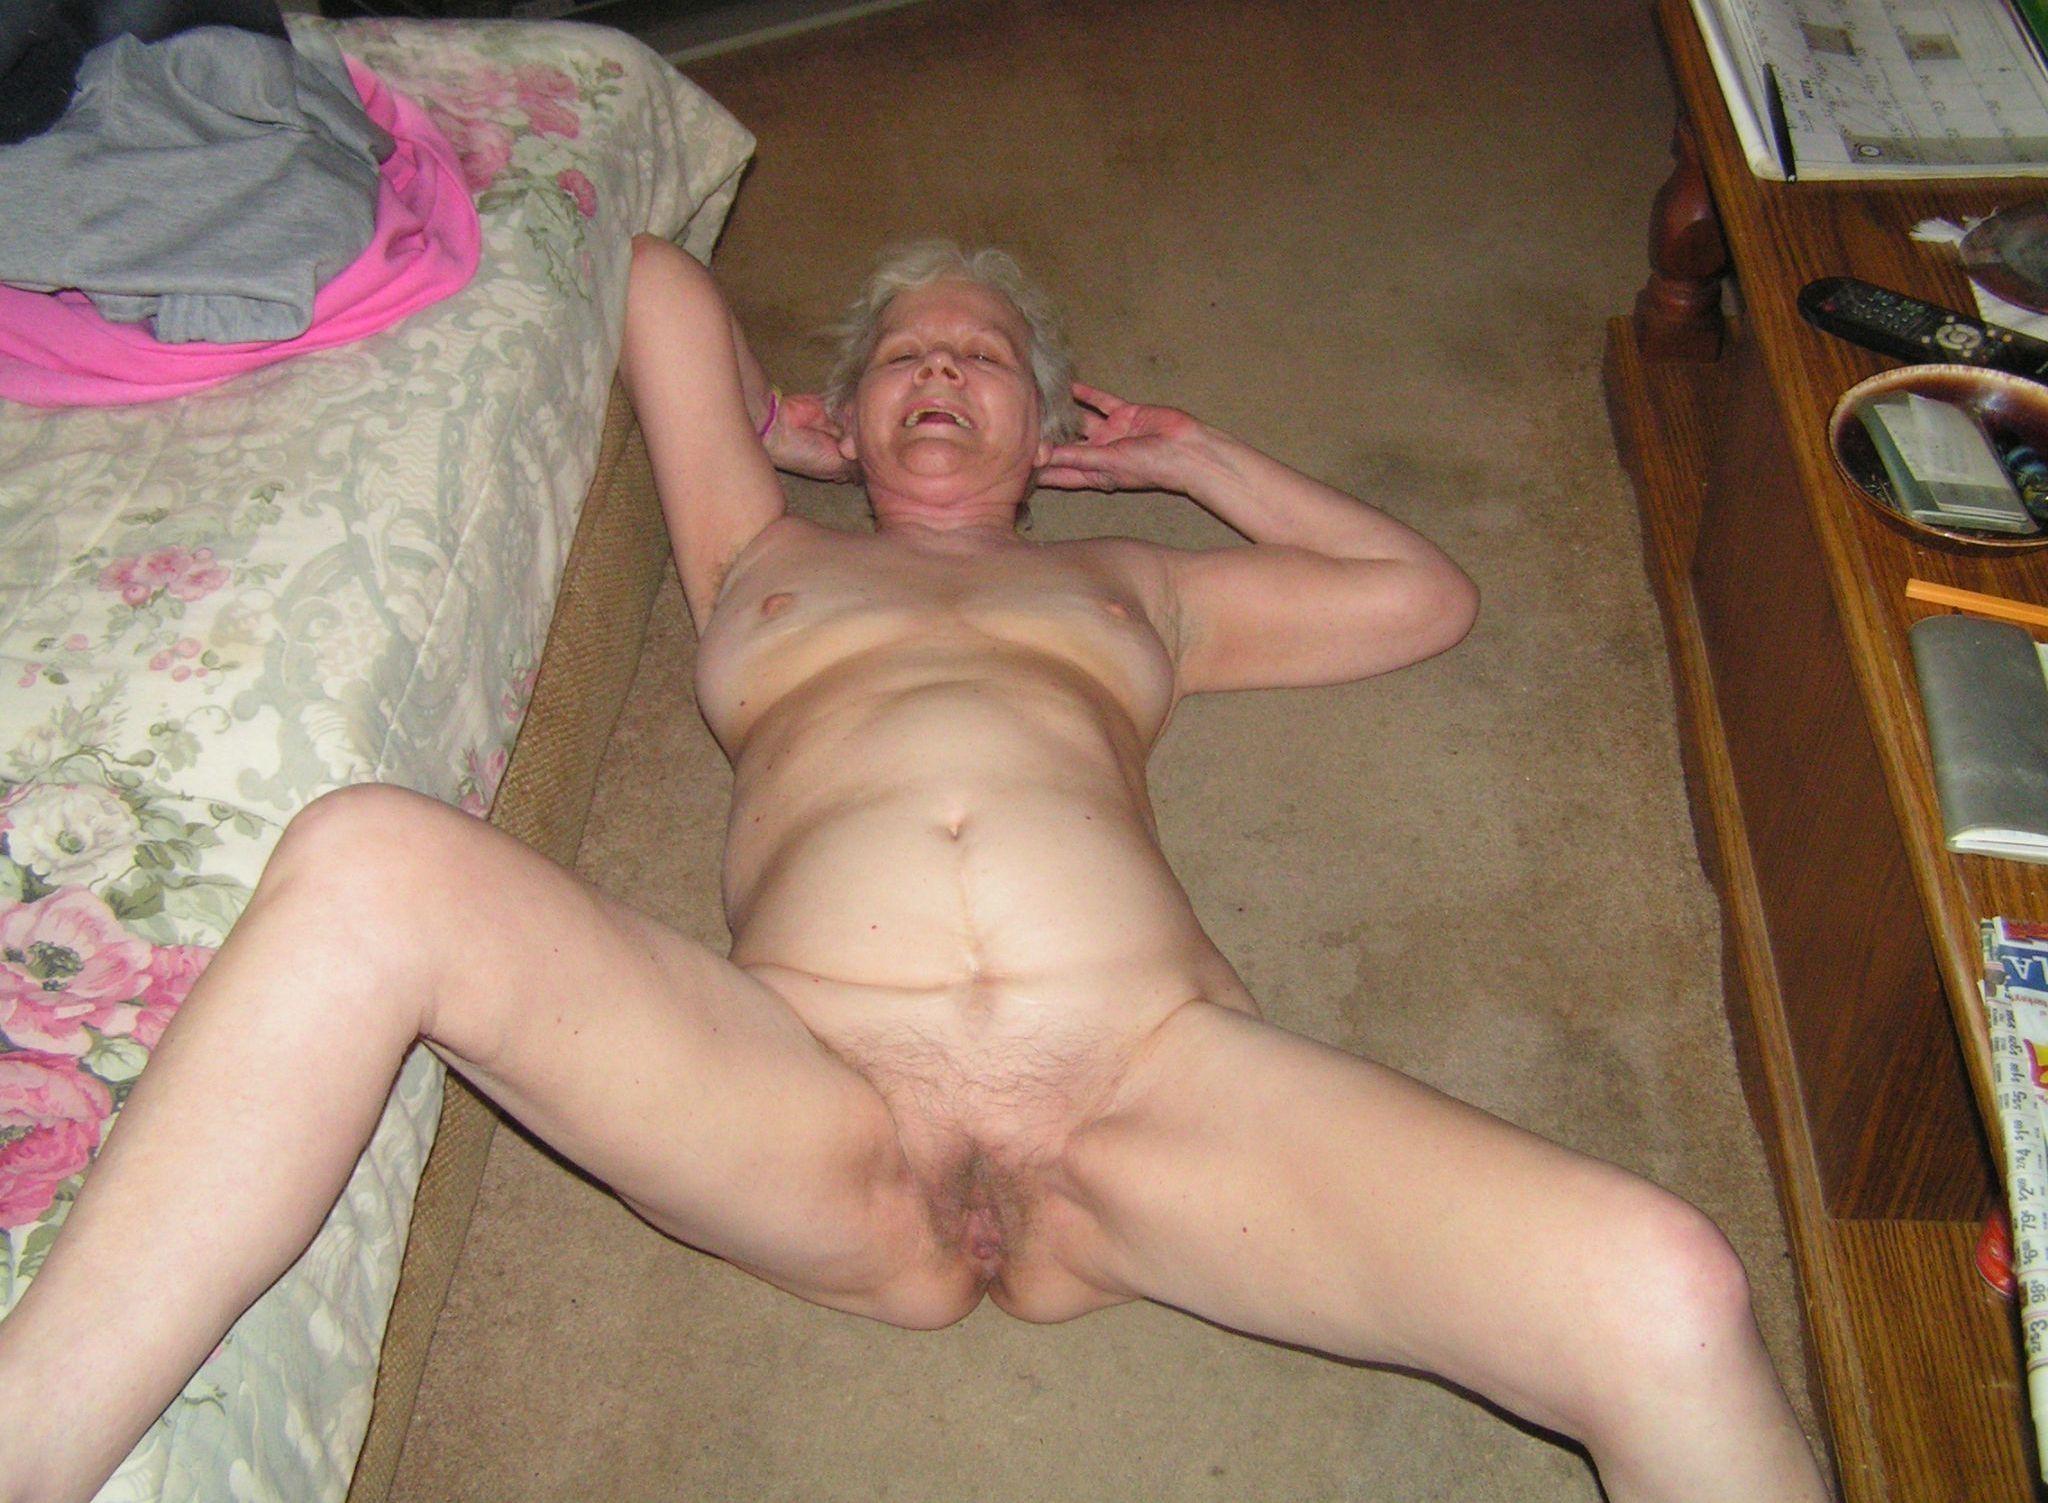 бабы пожилые пьяные порно